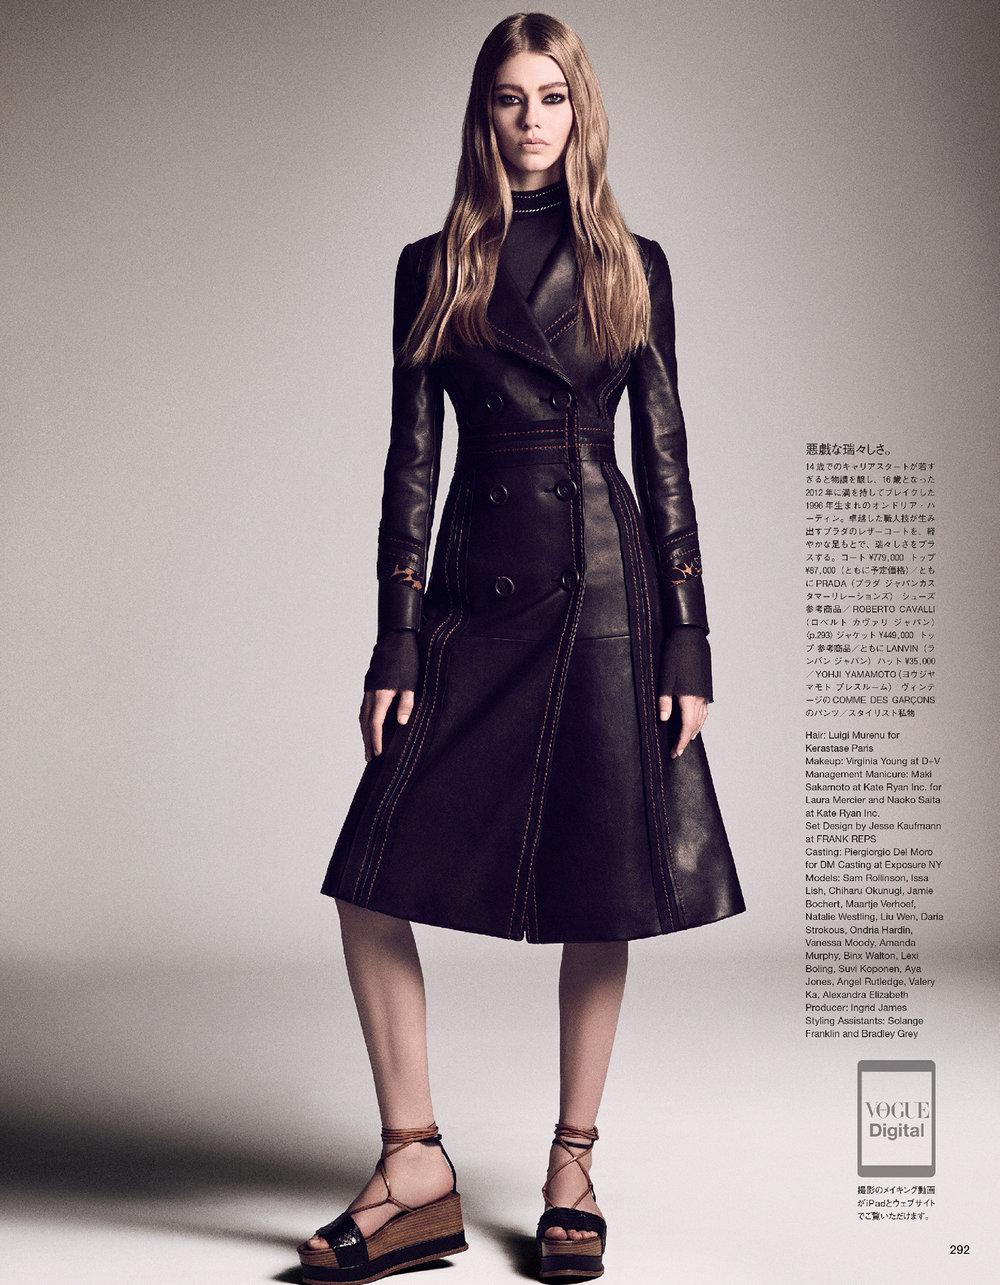 Giovanna-Battaglia-Vogue-Japan-March-2015-Digital-Generation-3.jpg